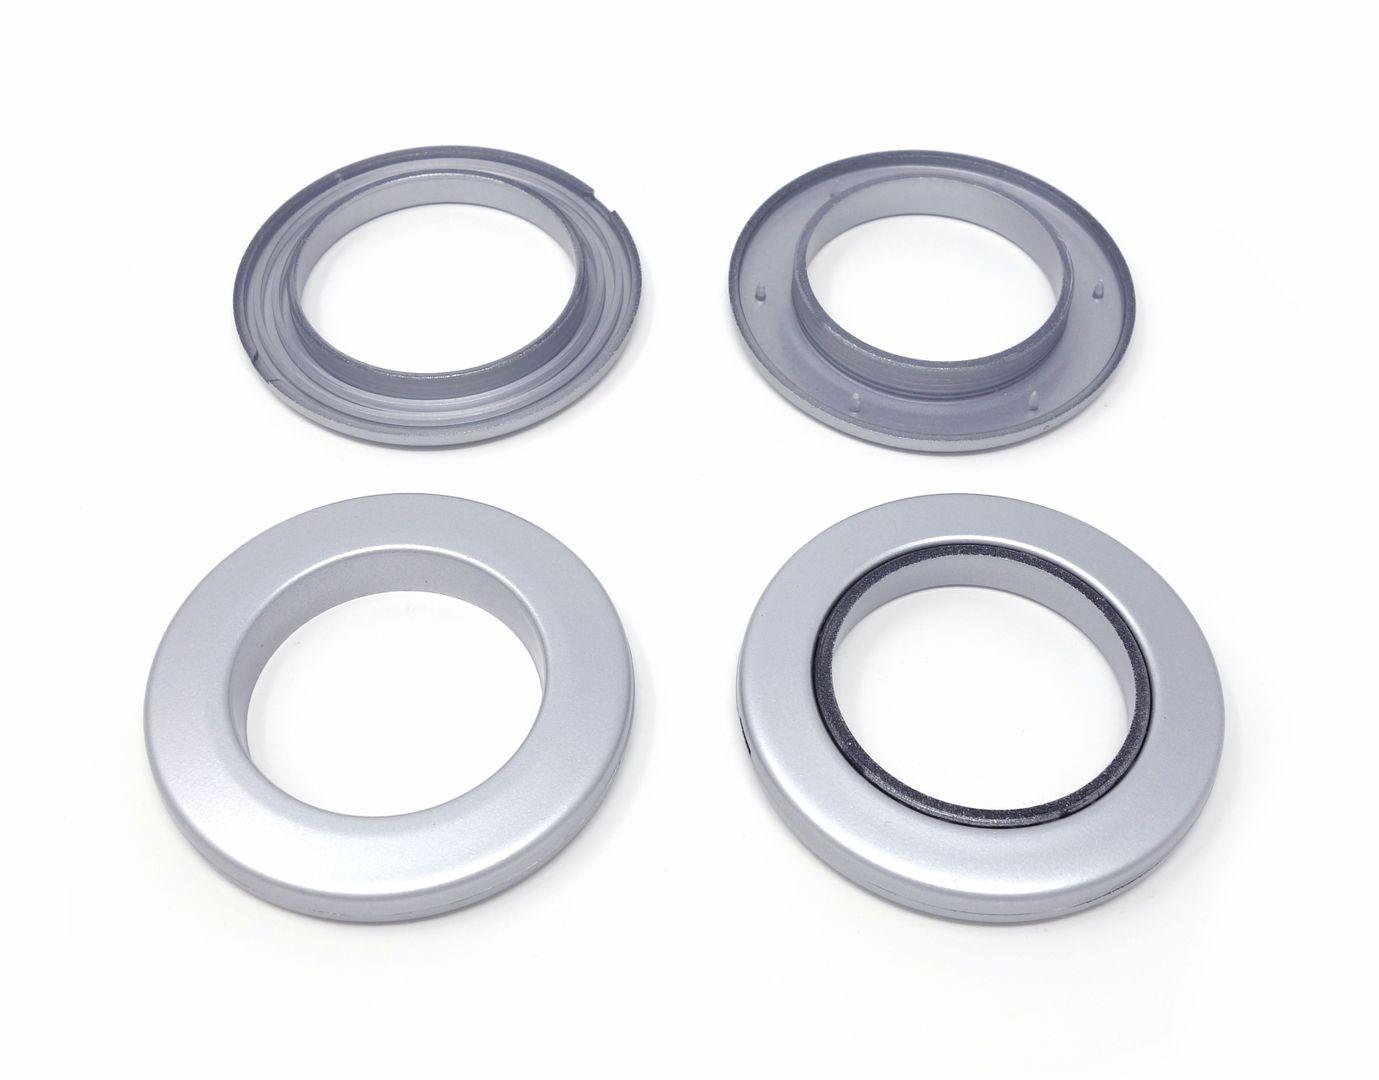 Kunststoff-Ösen für Gardinen und Vorhänge  – Bild 2